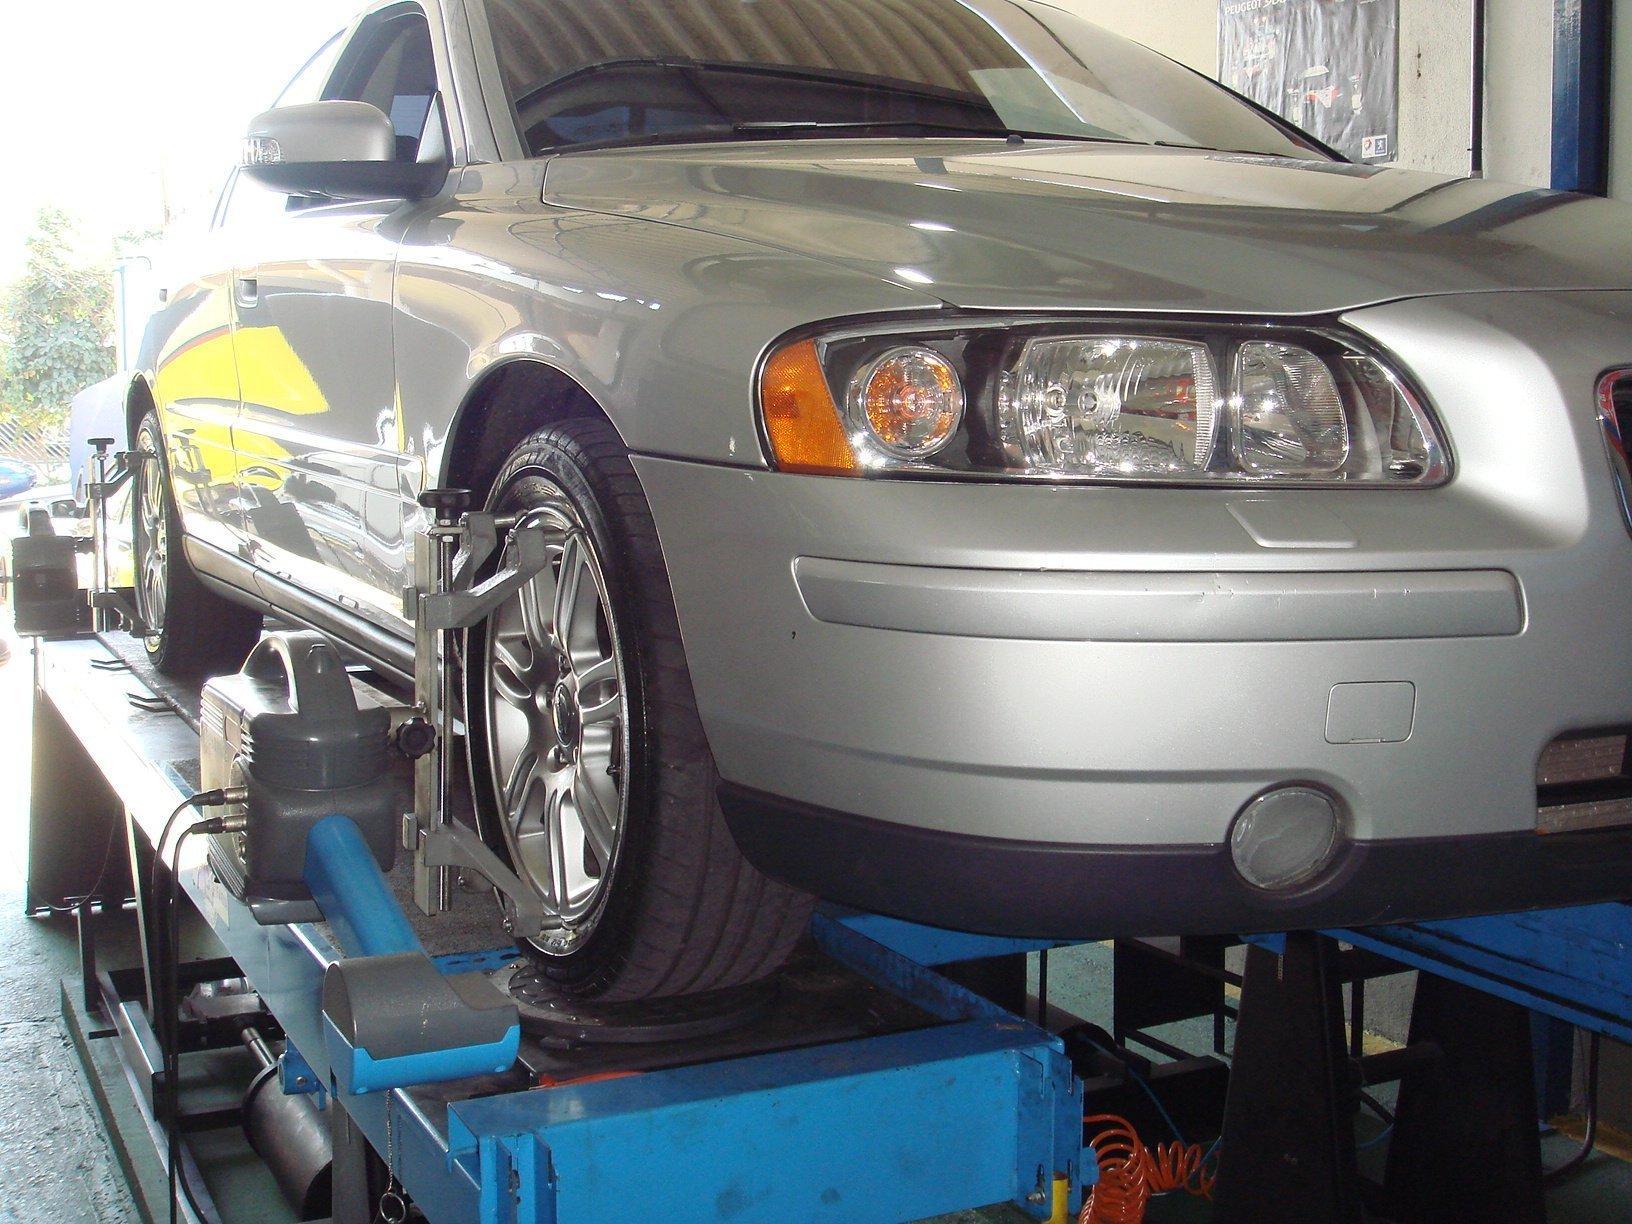 d0967f9fcd3 Como saber se o carro precisa de alinhamento e balanceamento